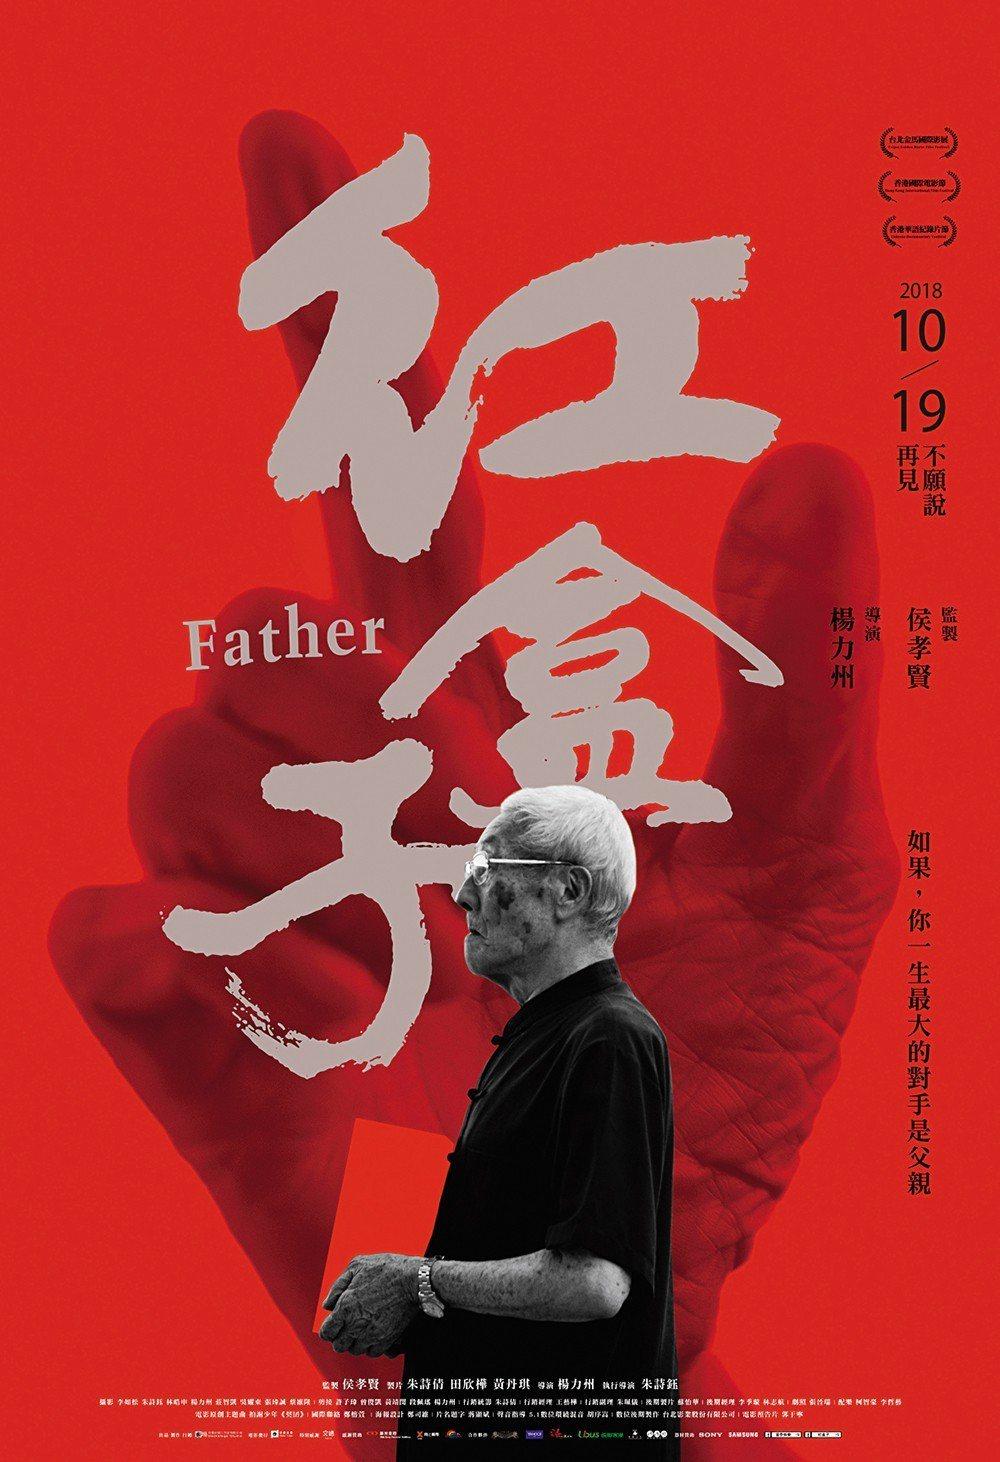 現在宣傳使用的《紅盒子》電影海報是陳錫煌老師傅詢問天都元帥後選中的款式。